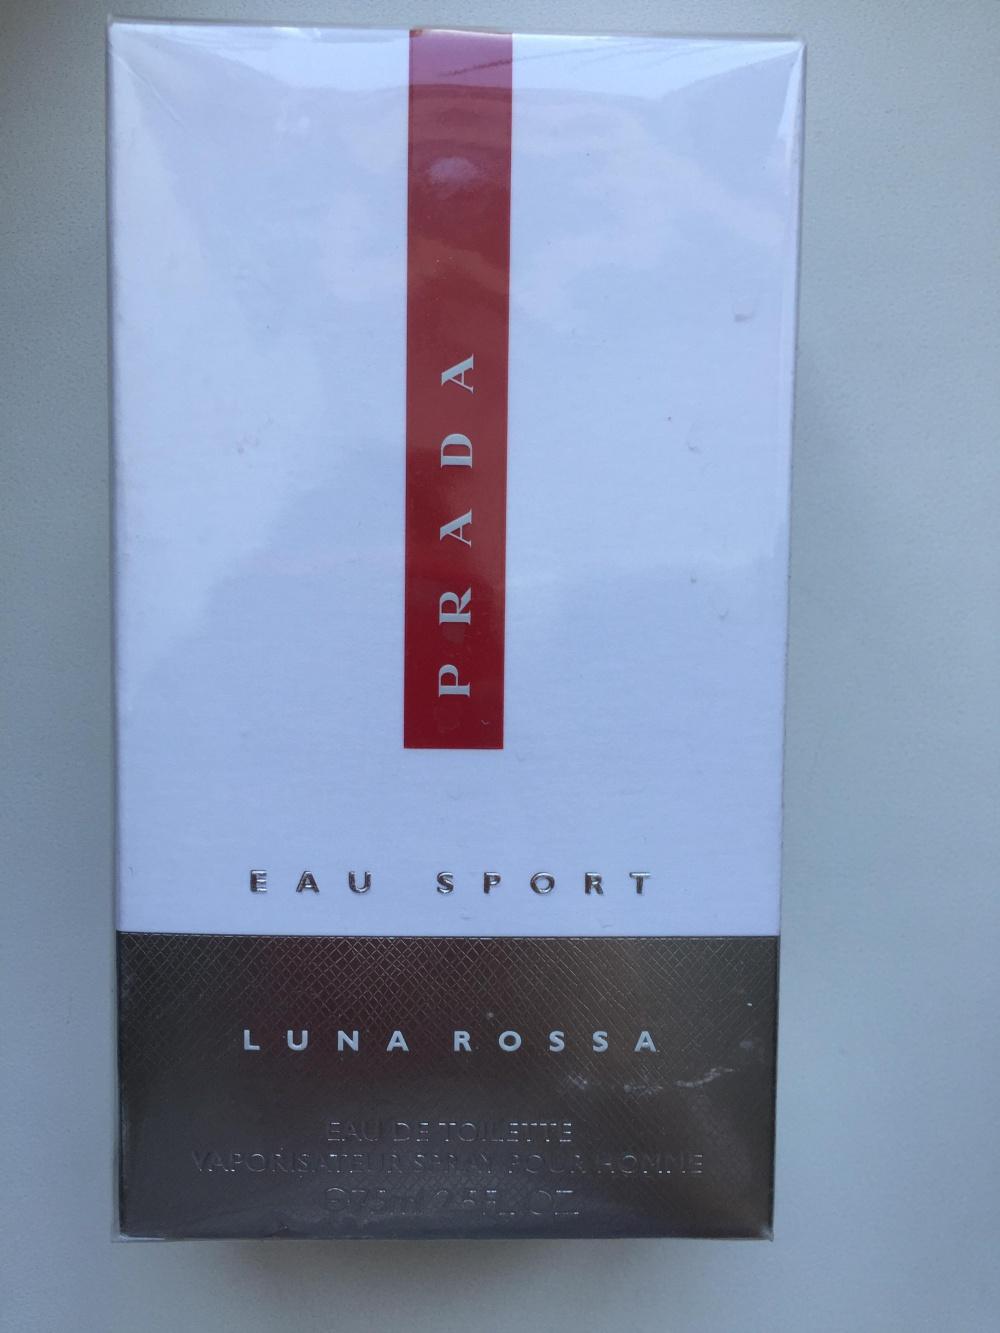 Туалетная вода Prada Luna Rossa eau sport, 75 мл